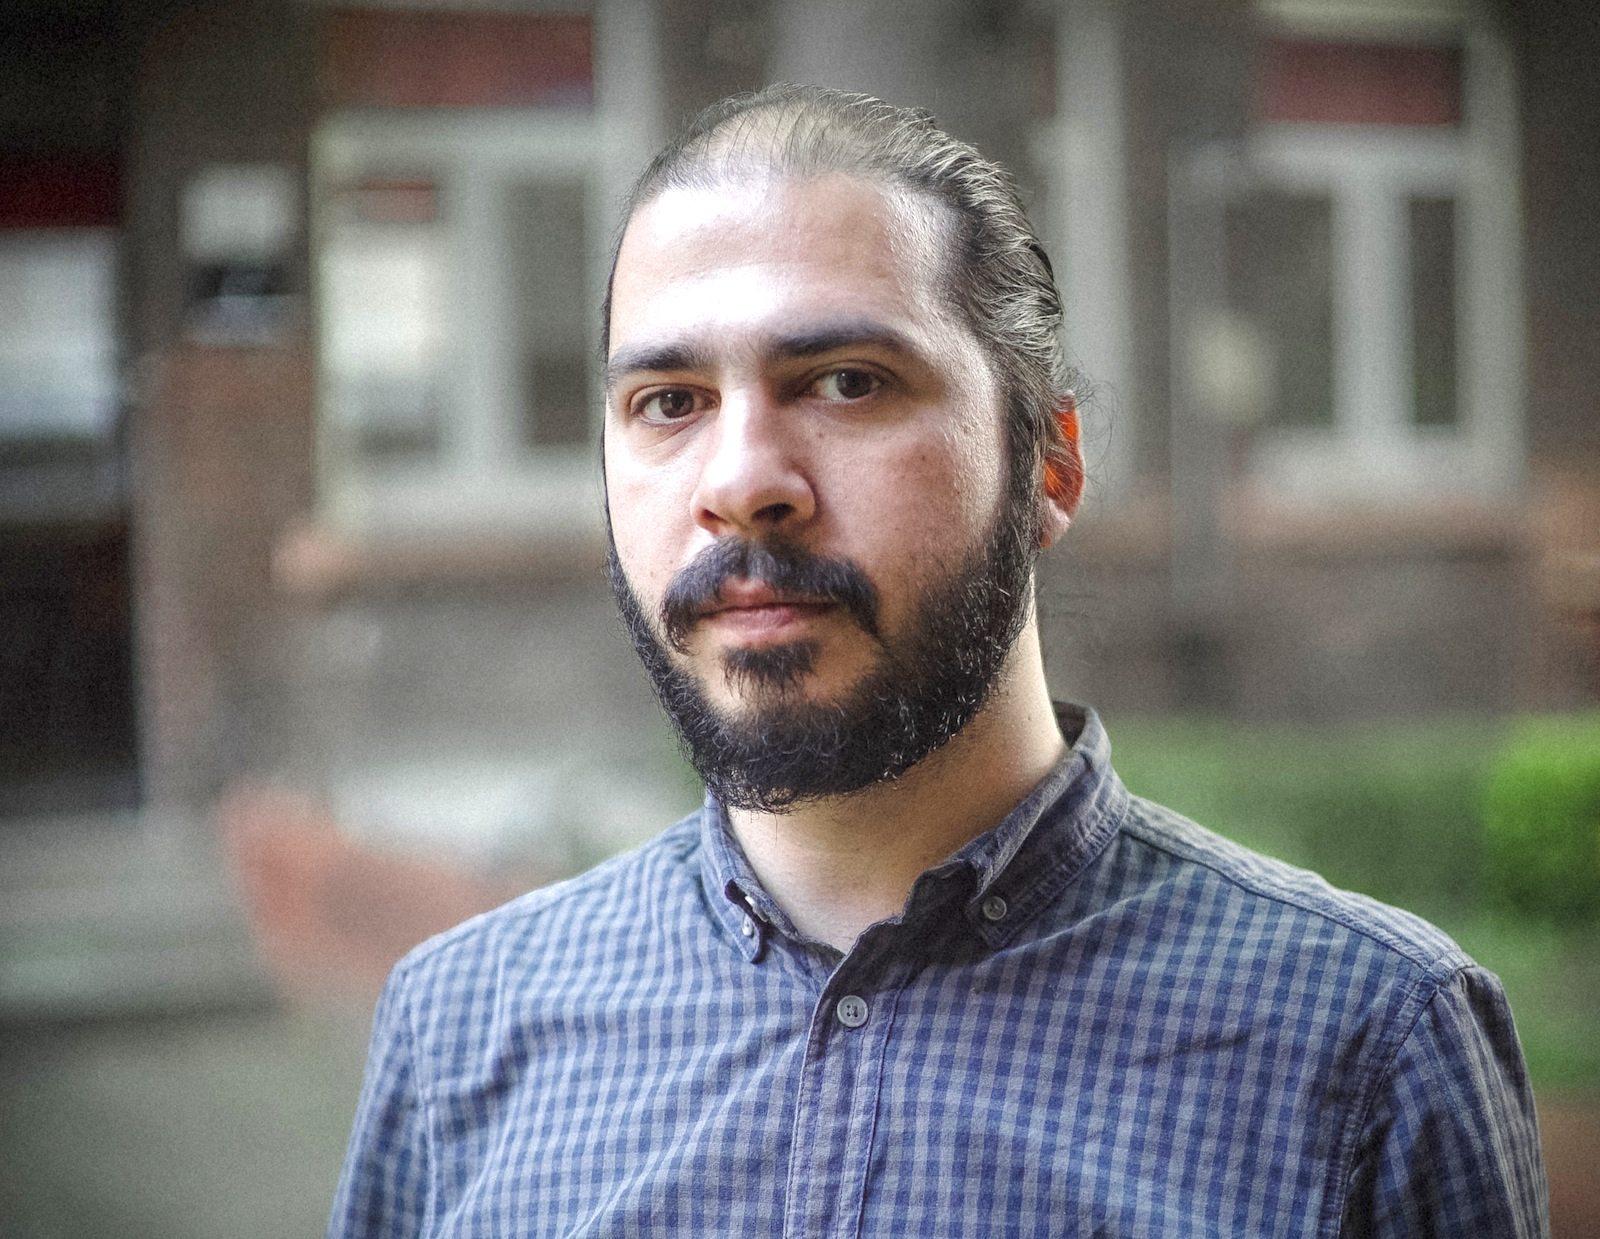 Waref Abu Quba. Künstler und Filmemacher aus Syrien und Darmstadt